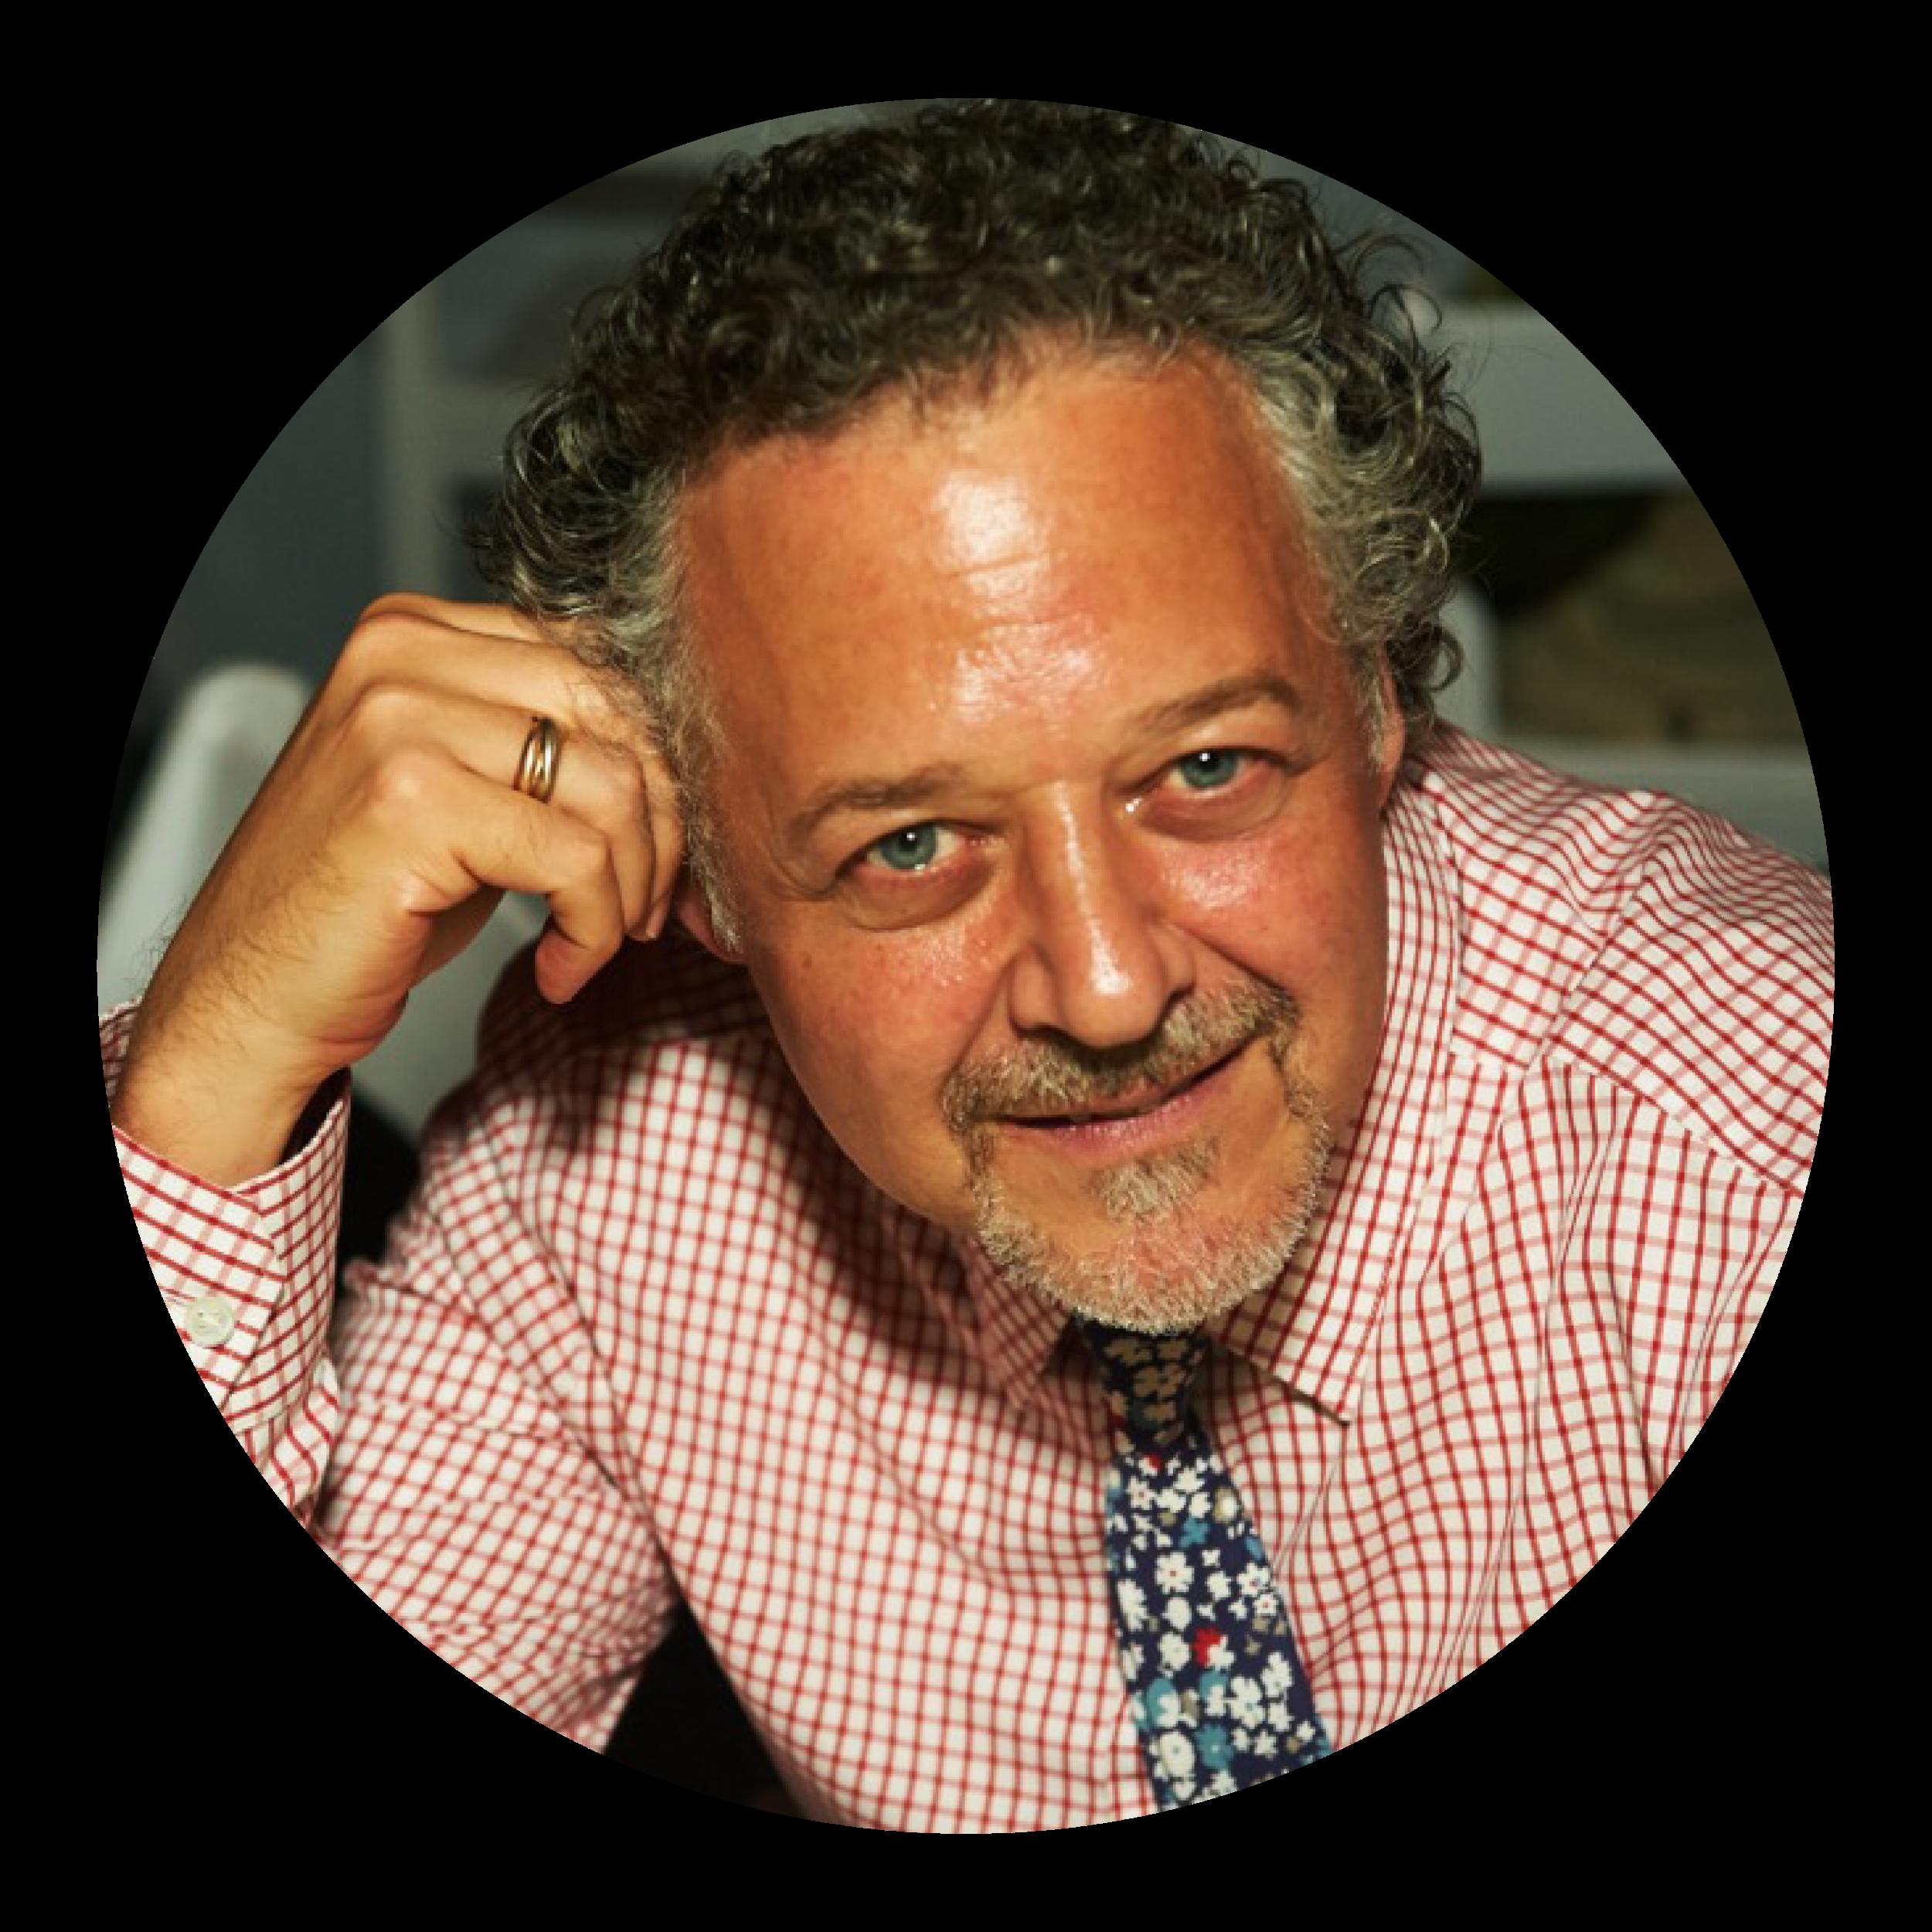 Mario Saverino